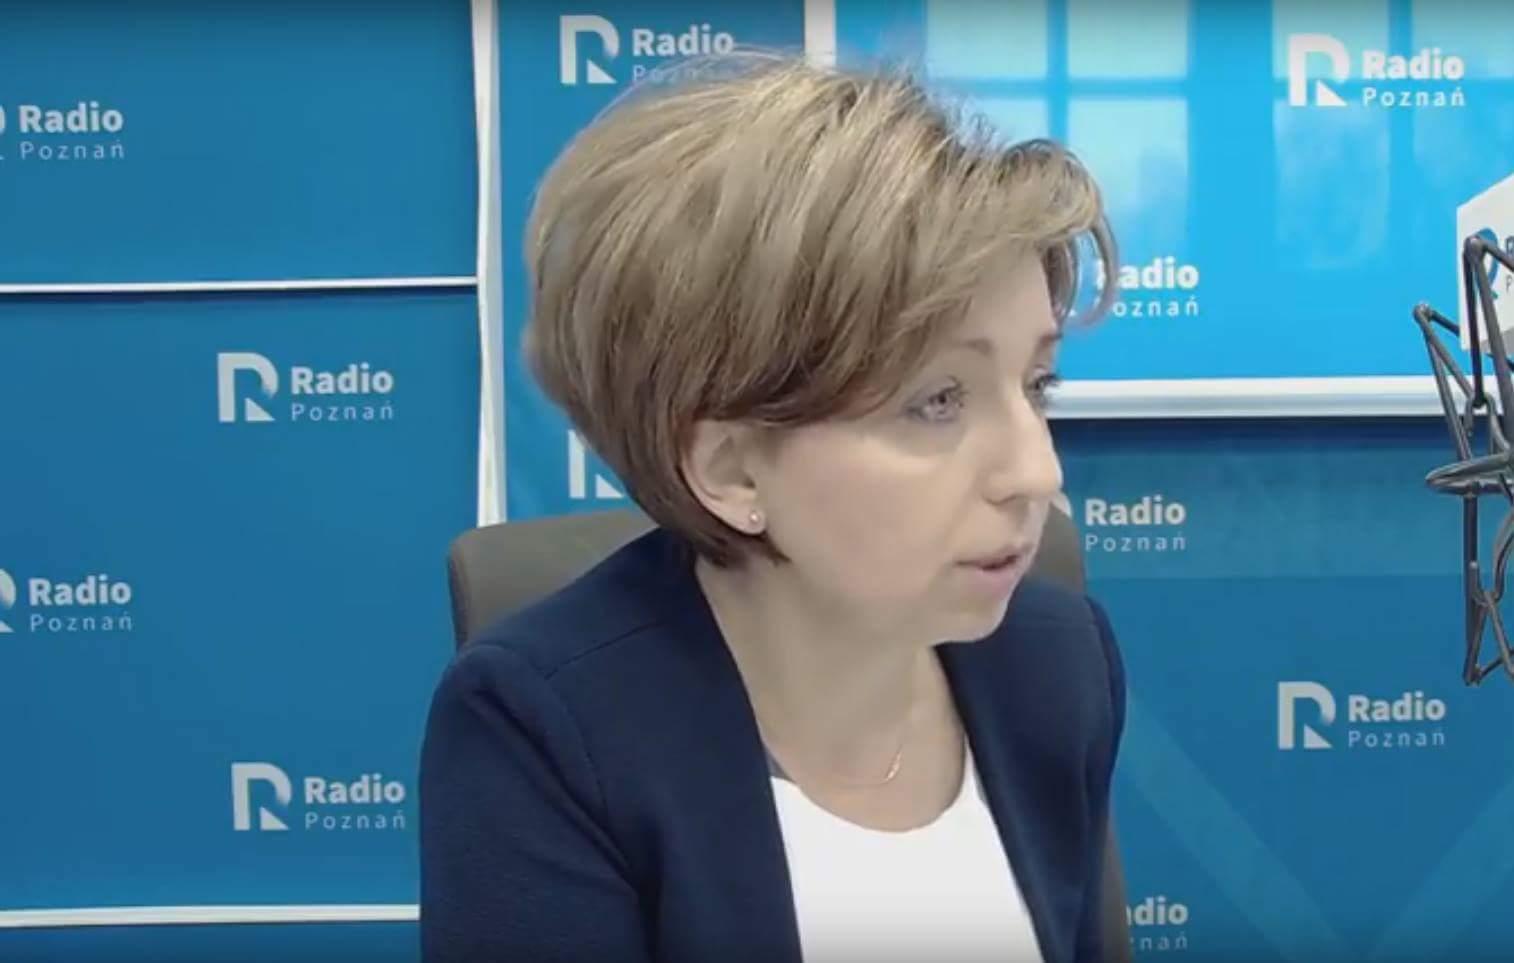 Marlena Maląg - Radio Poznań